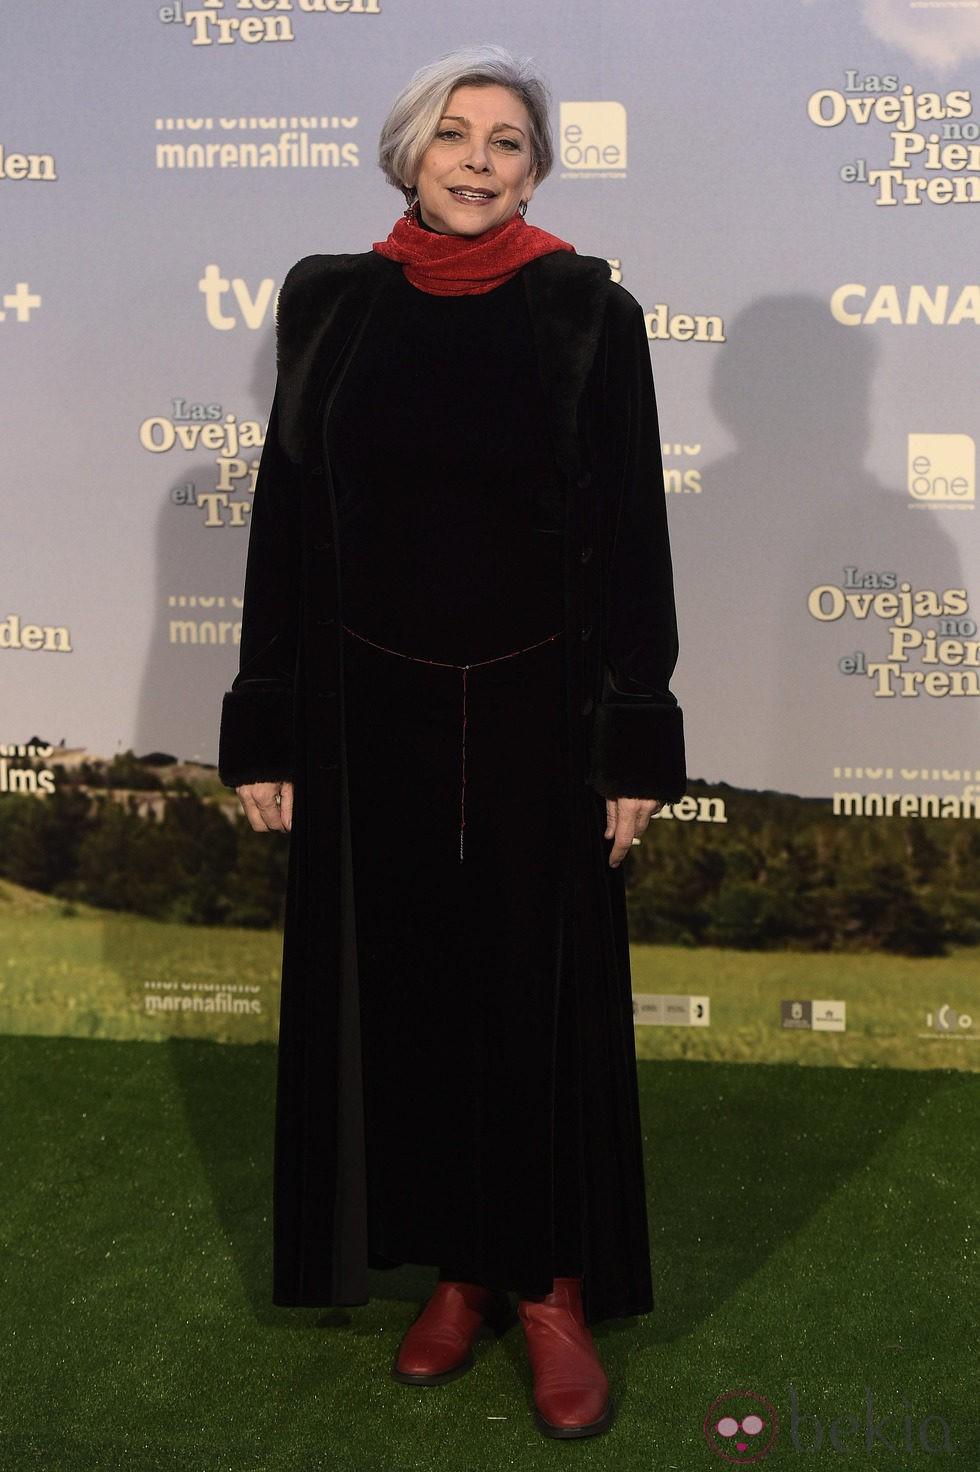 Kiti Mánver en el estreno de 'Las ovejas no pierden el tren'